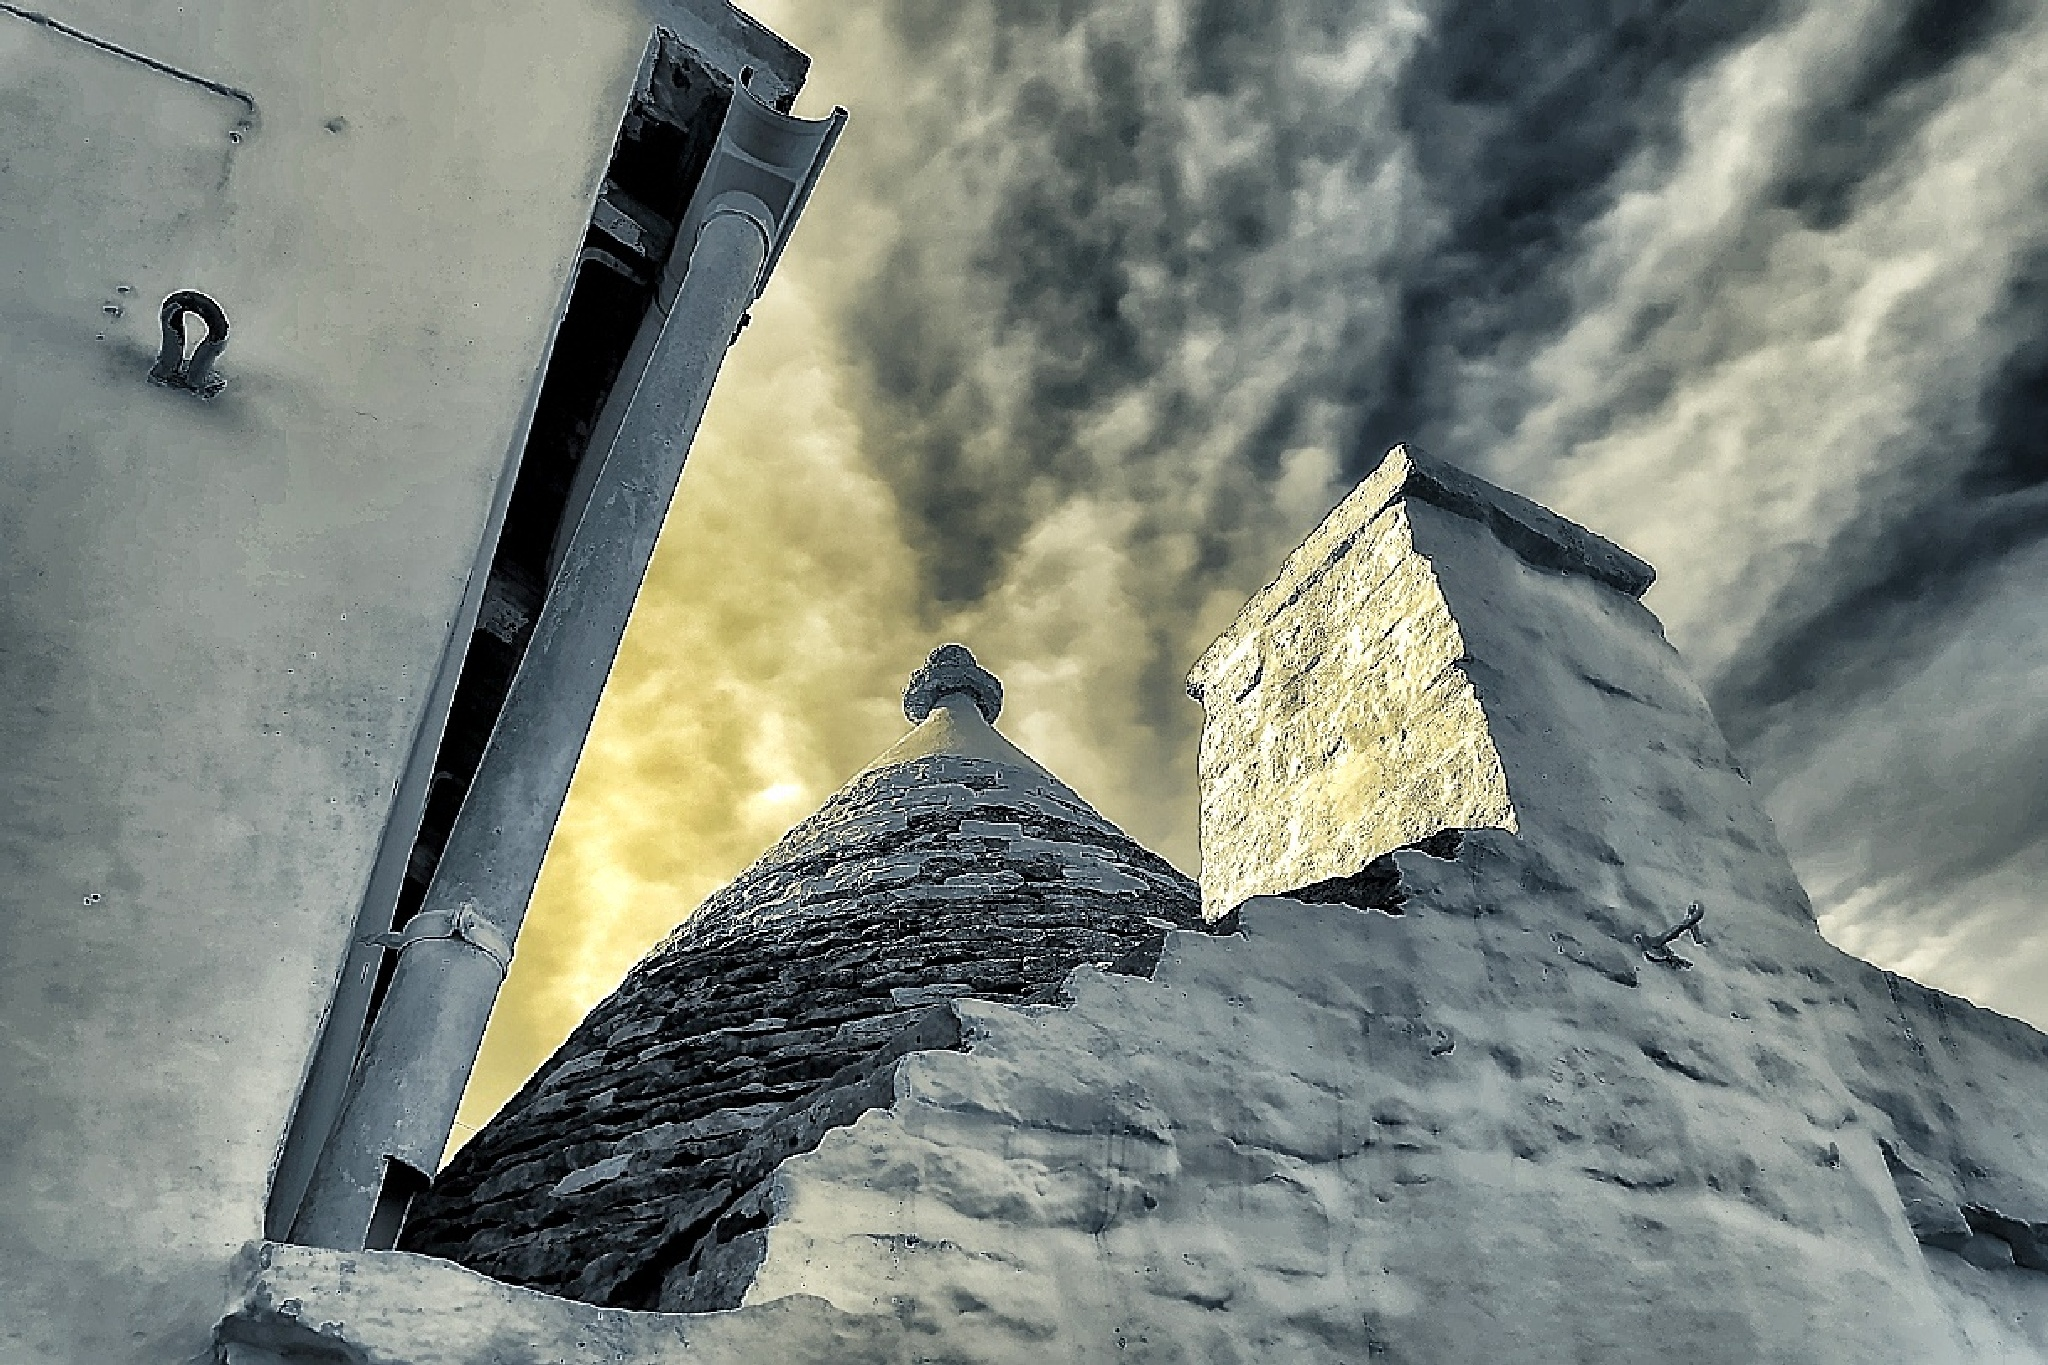 Trullo ad Alberobello(BA) by Angelo62